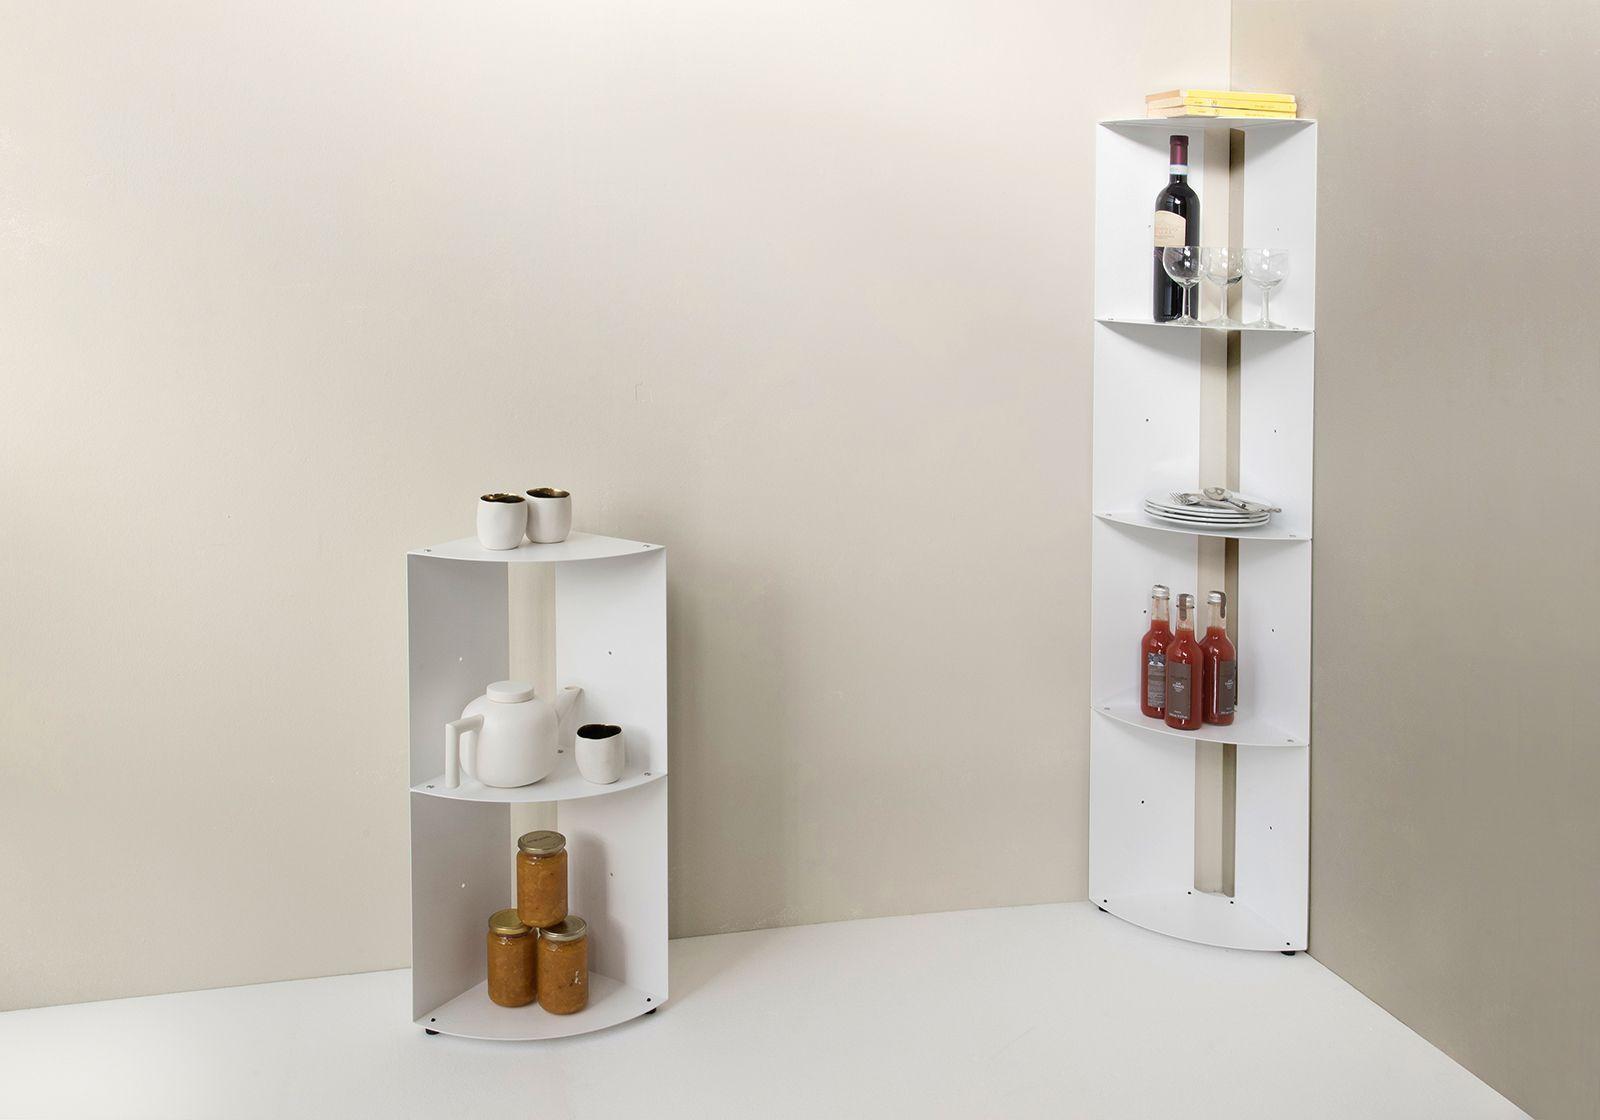 angolare per cucina DANgolo - Acciaio - 25x25x70cm